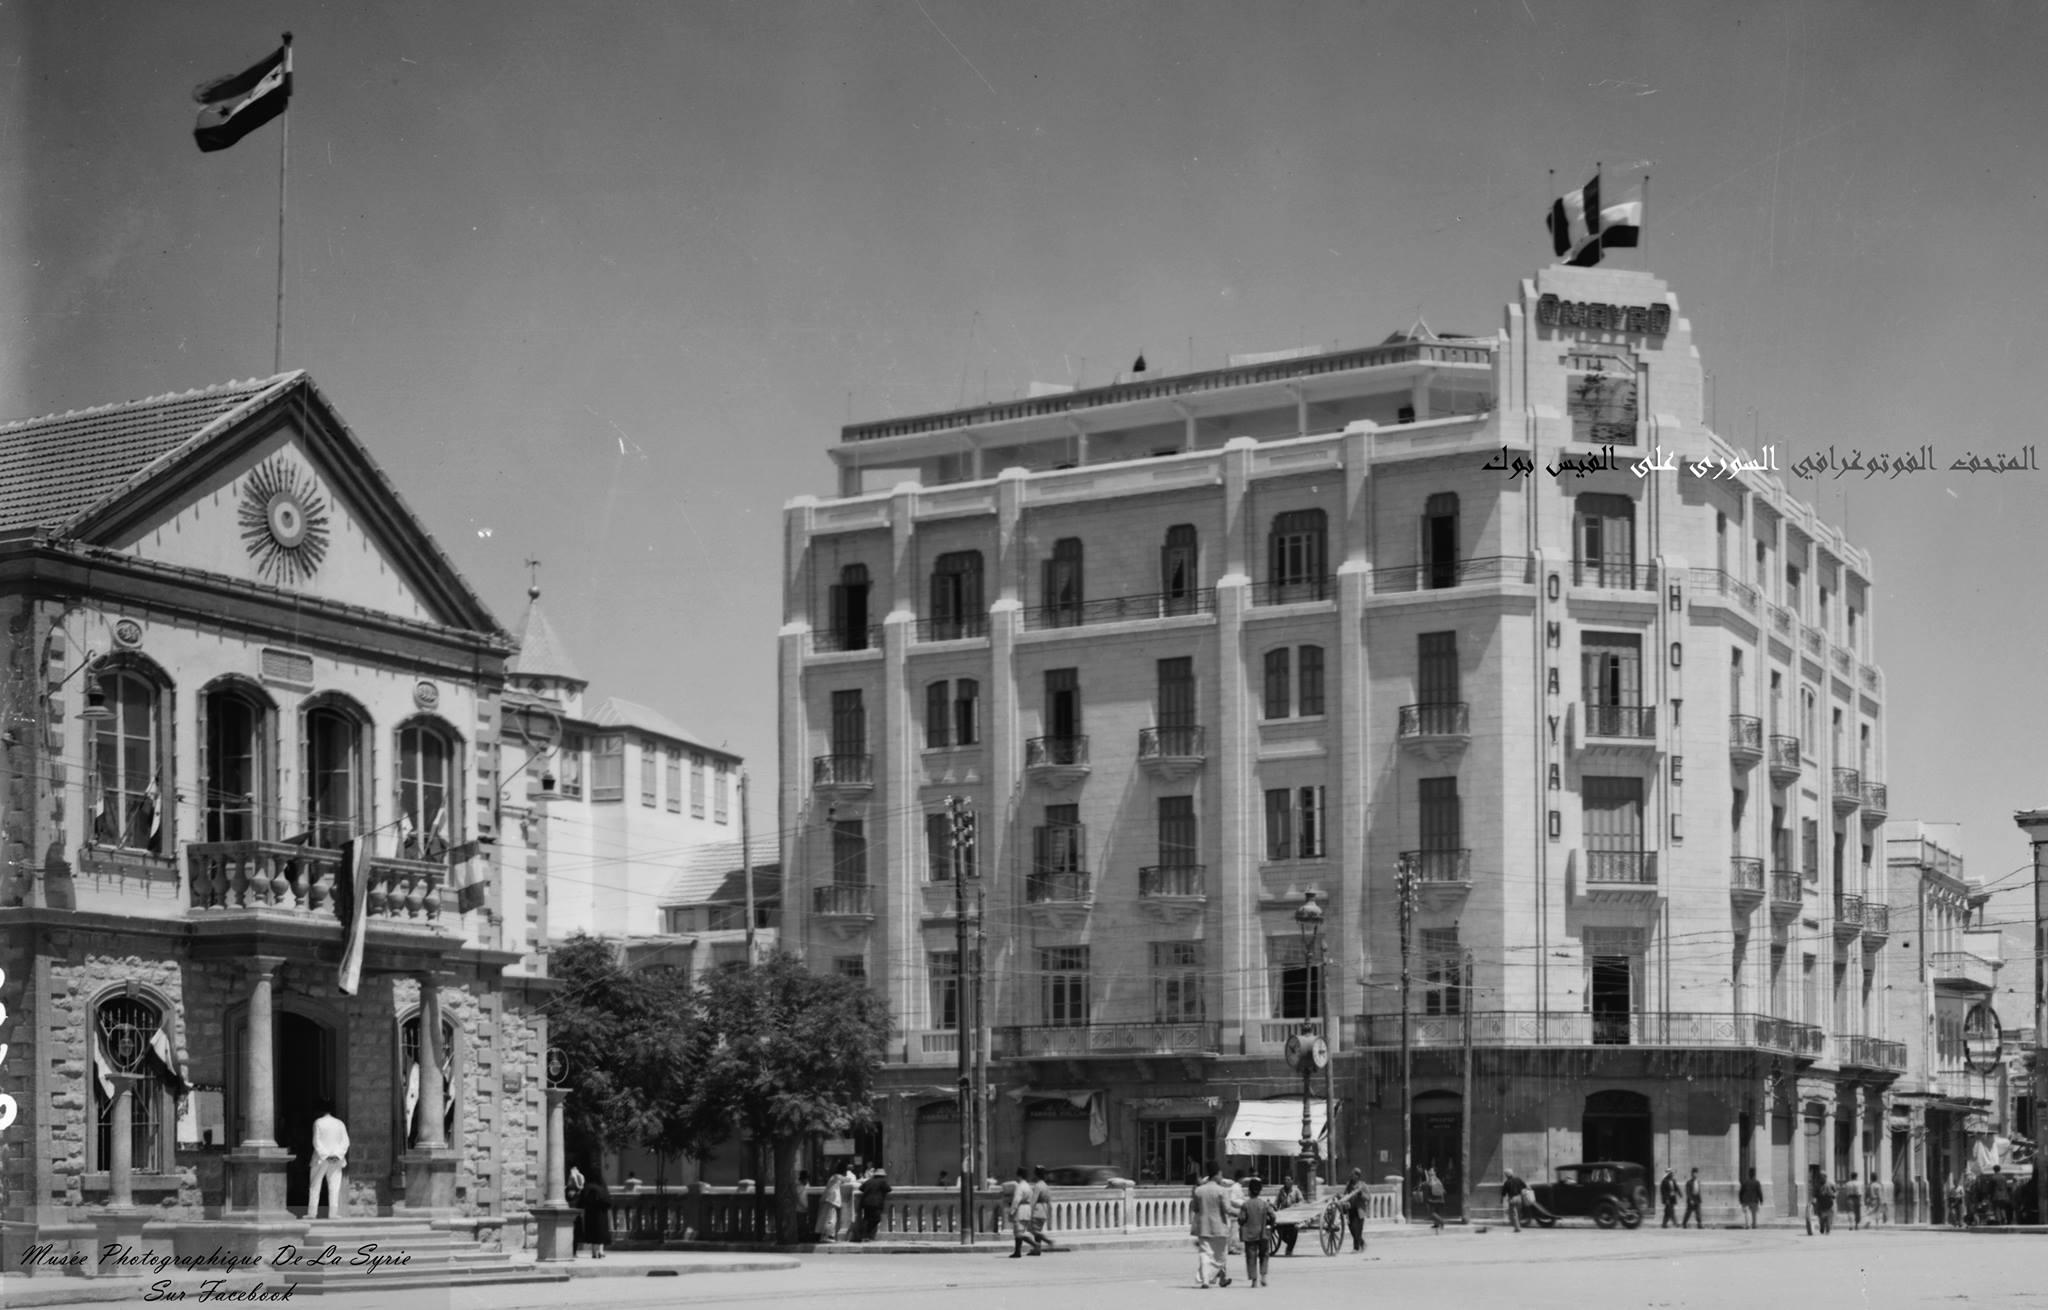 دمشق : ساحة المرجة وبناء البلدية التاريخي و فندق أمية حوالي ١٩٤٠